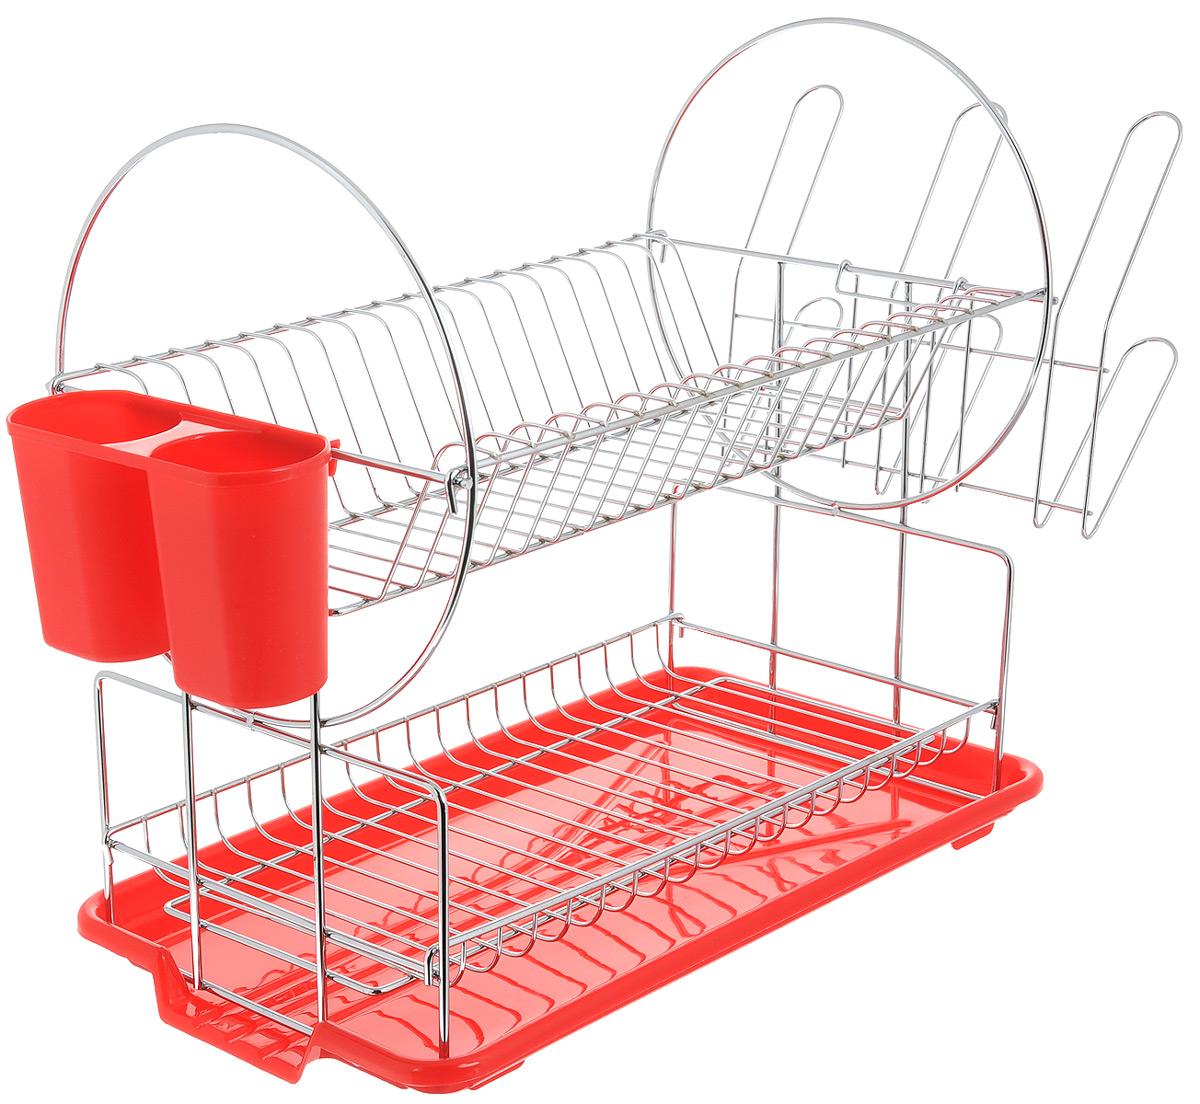 """Сушилка для посуды """"Mayer & Boch"""" изготовлена из высококачественных гигиеничных материалов. Корпус выполнен из хромированного металла, поддон и подставка для столовых приборов - из полипропилена. Сушилка двухъярусная, что позволяет хранить больше посуды. Внизу можно поместить кружки и пиалы, а вверху - тарелки и столовые приборы. Сбоку предусмотрены специальные держатели для стаканов. Прямоугольный поддон для воды поможет вам сохранить кухню в чистоте. Элегантный дизайн позволит сушилке """"Mayer & Boch"""" стать прекрасным дополнением интерьера кухни."""